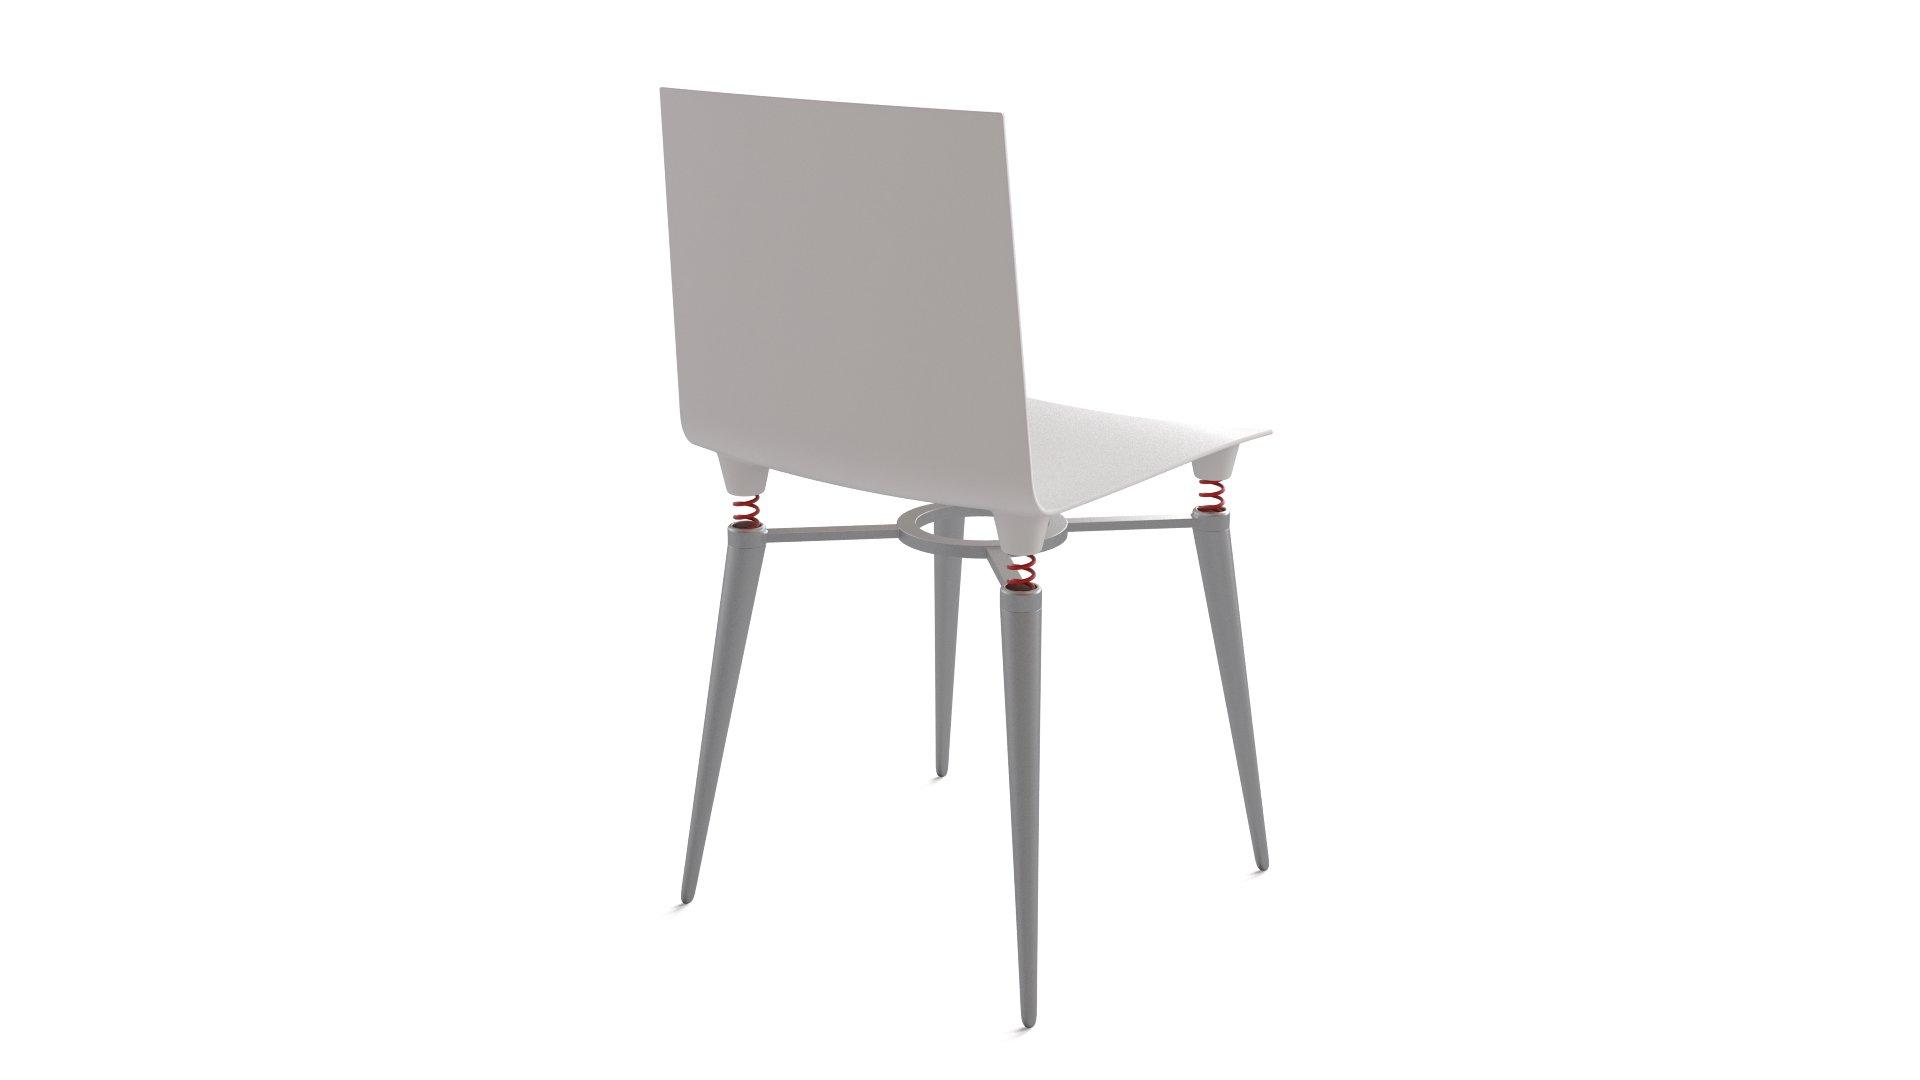 Skoki Chair by Michael Kushner